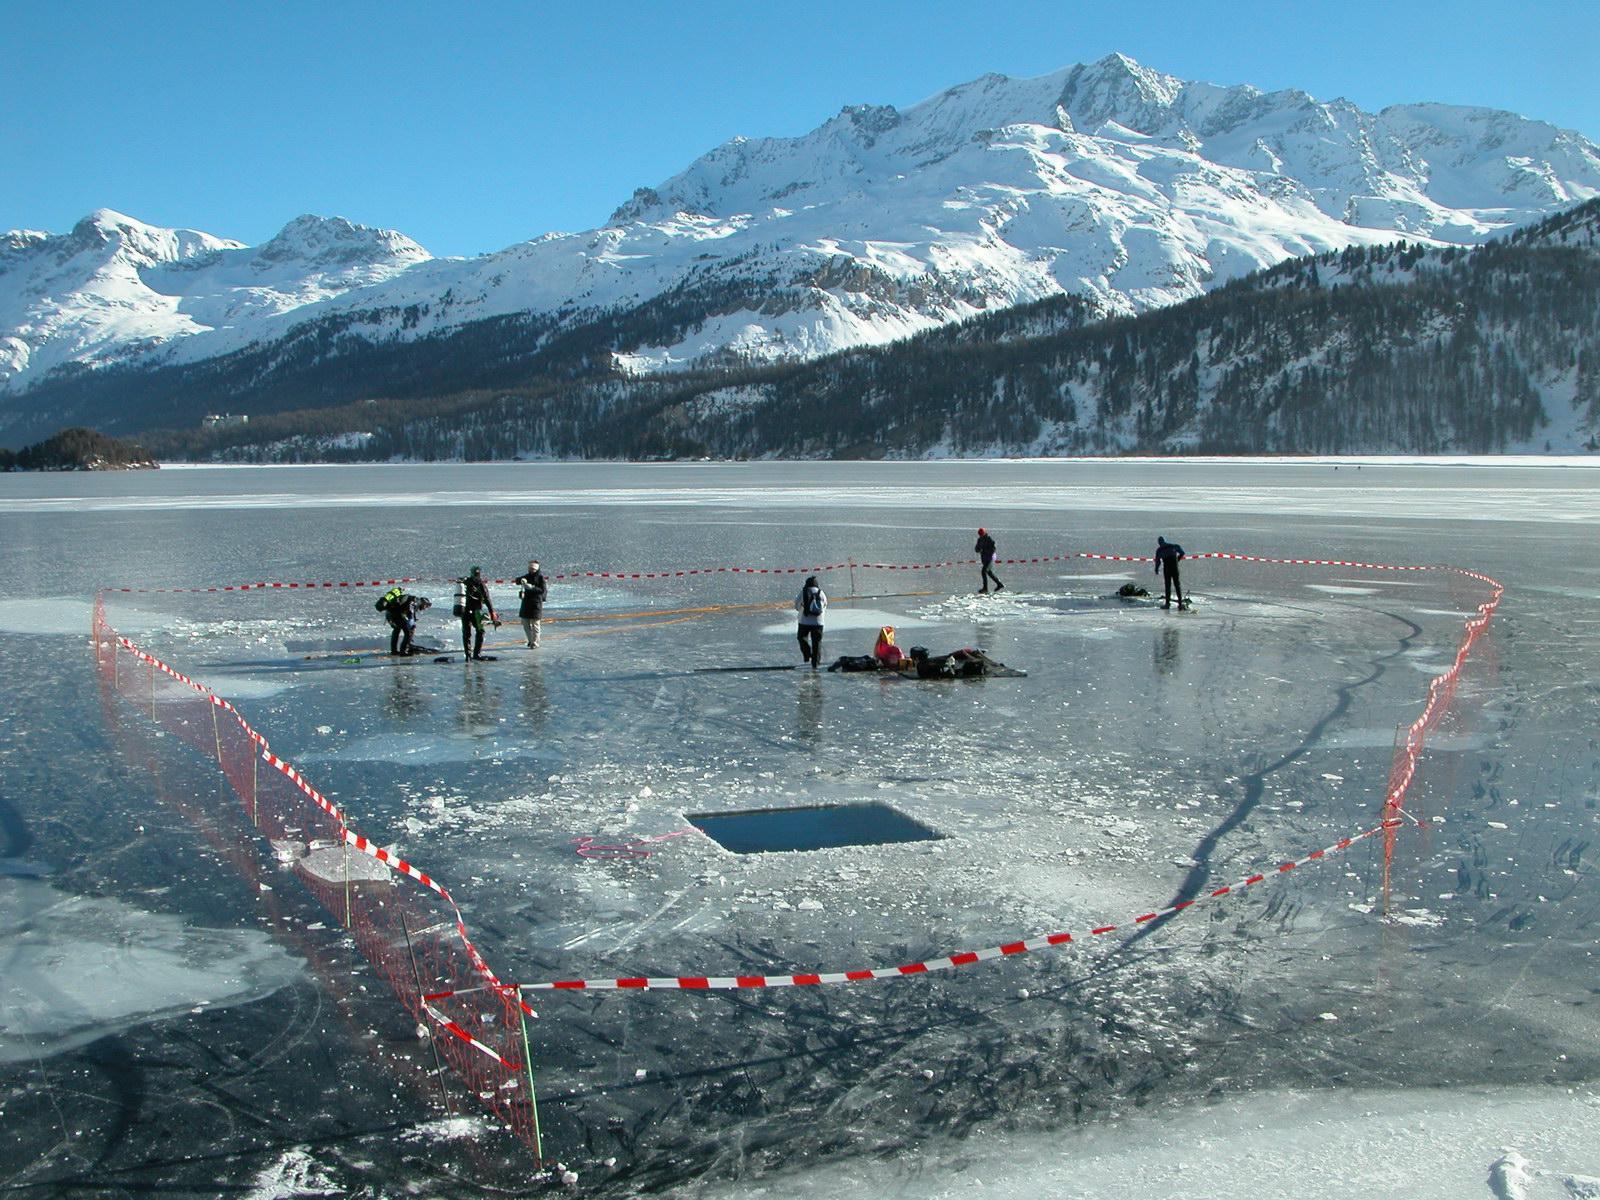 Eistaucher auf dem zugefrorenen Silsersee